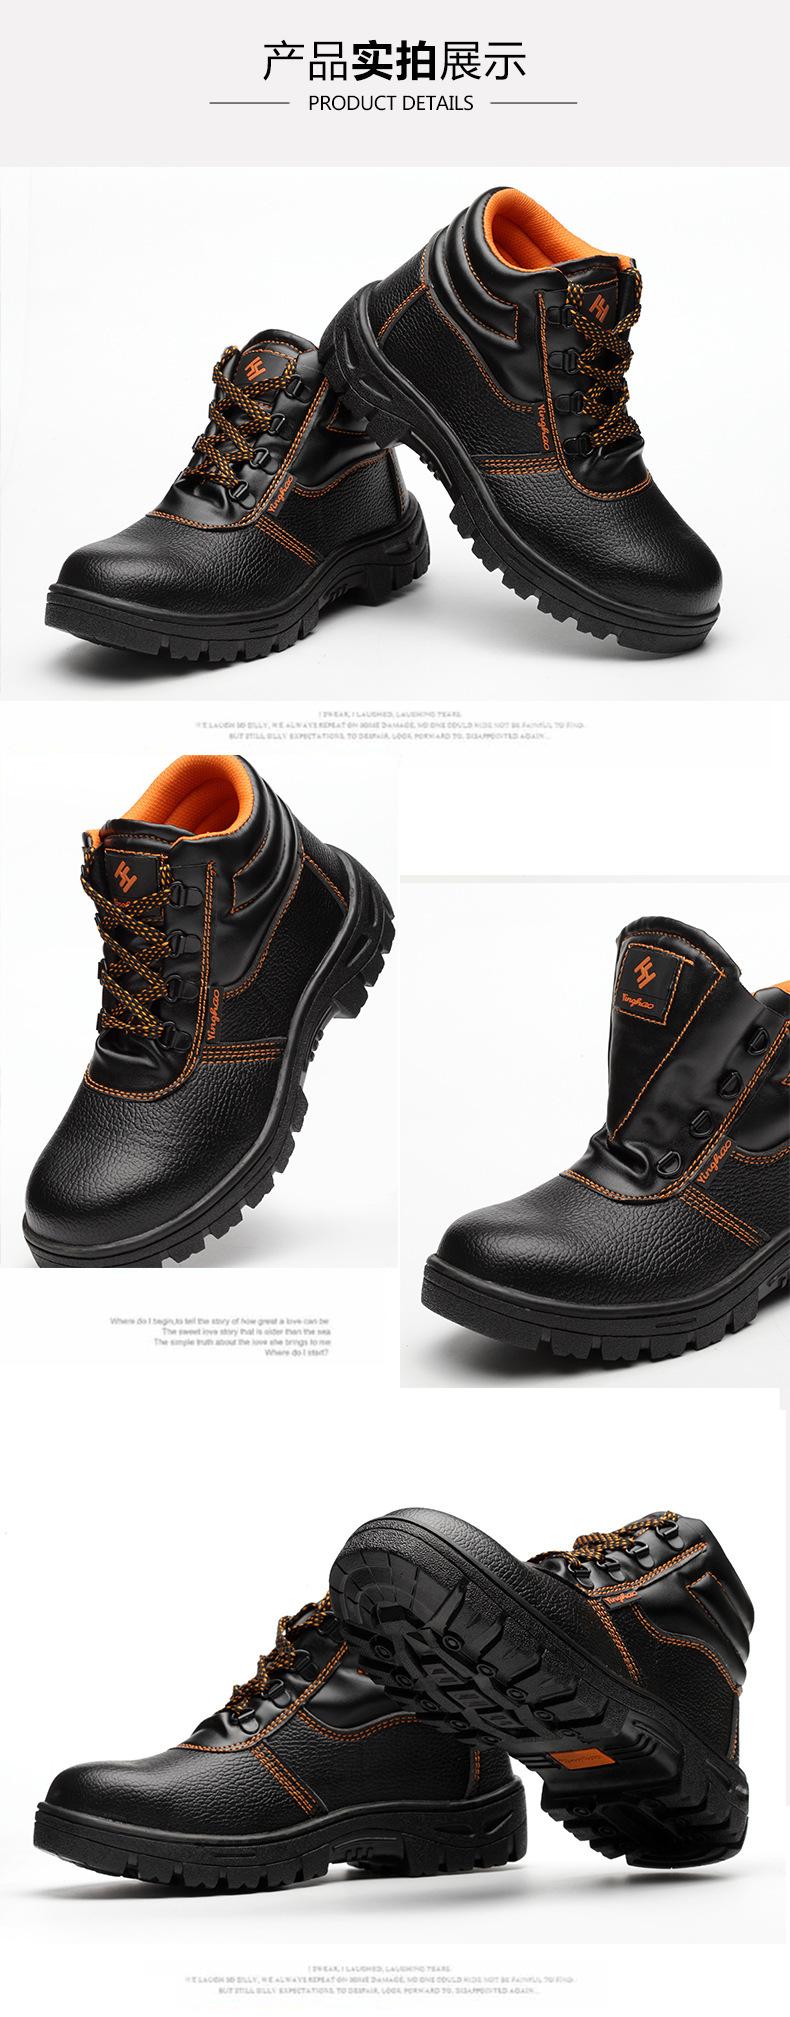 Giày chống xước Bán buôn lao động bảo hiểm giày nam giới thép cao cấp chống đập vỡ đâm xuyên mòn đeo